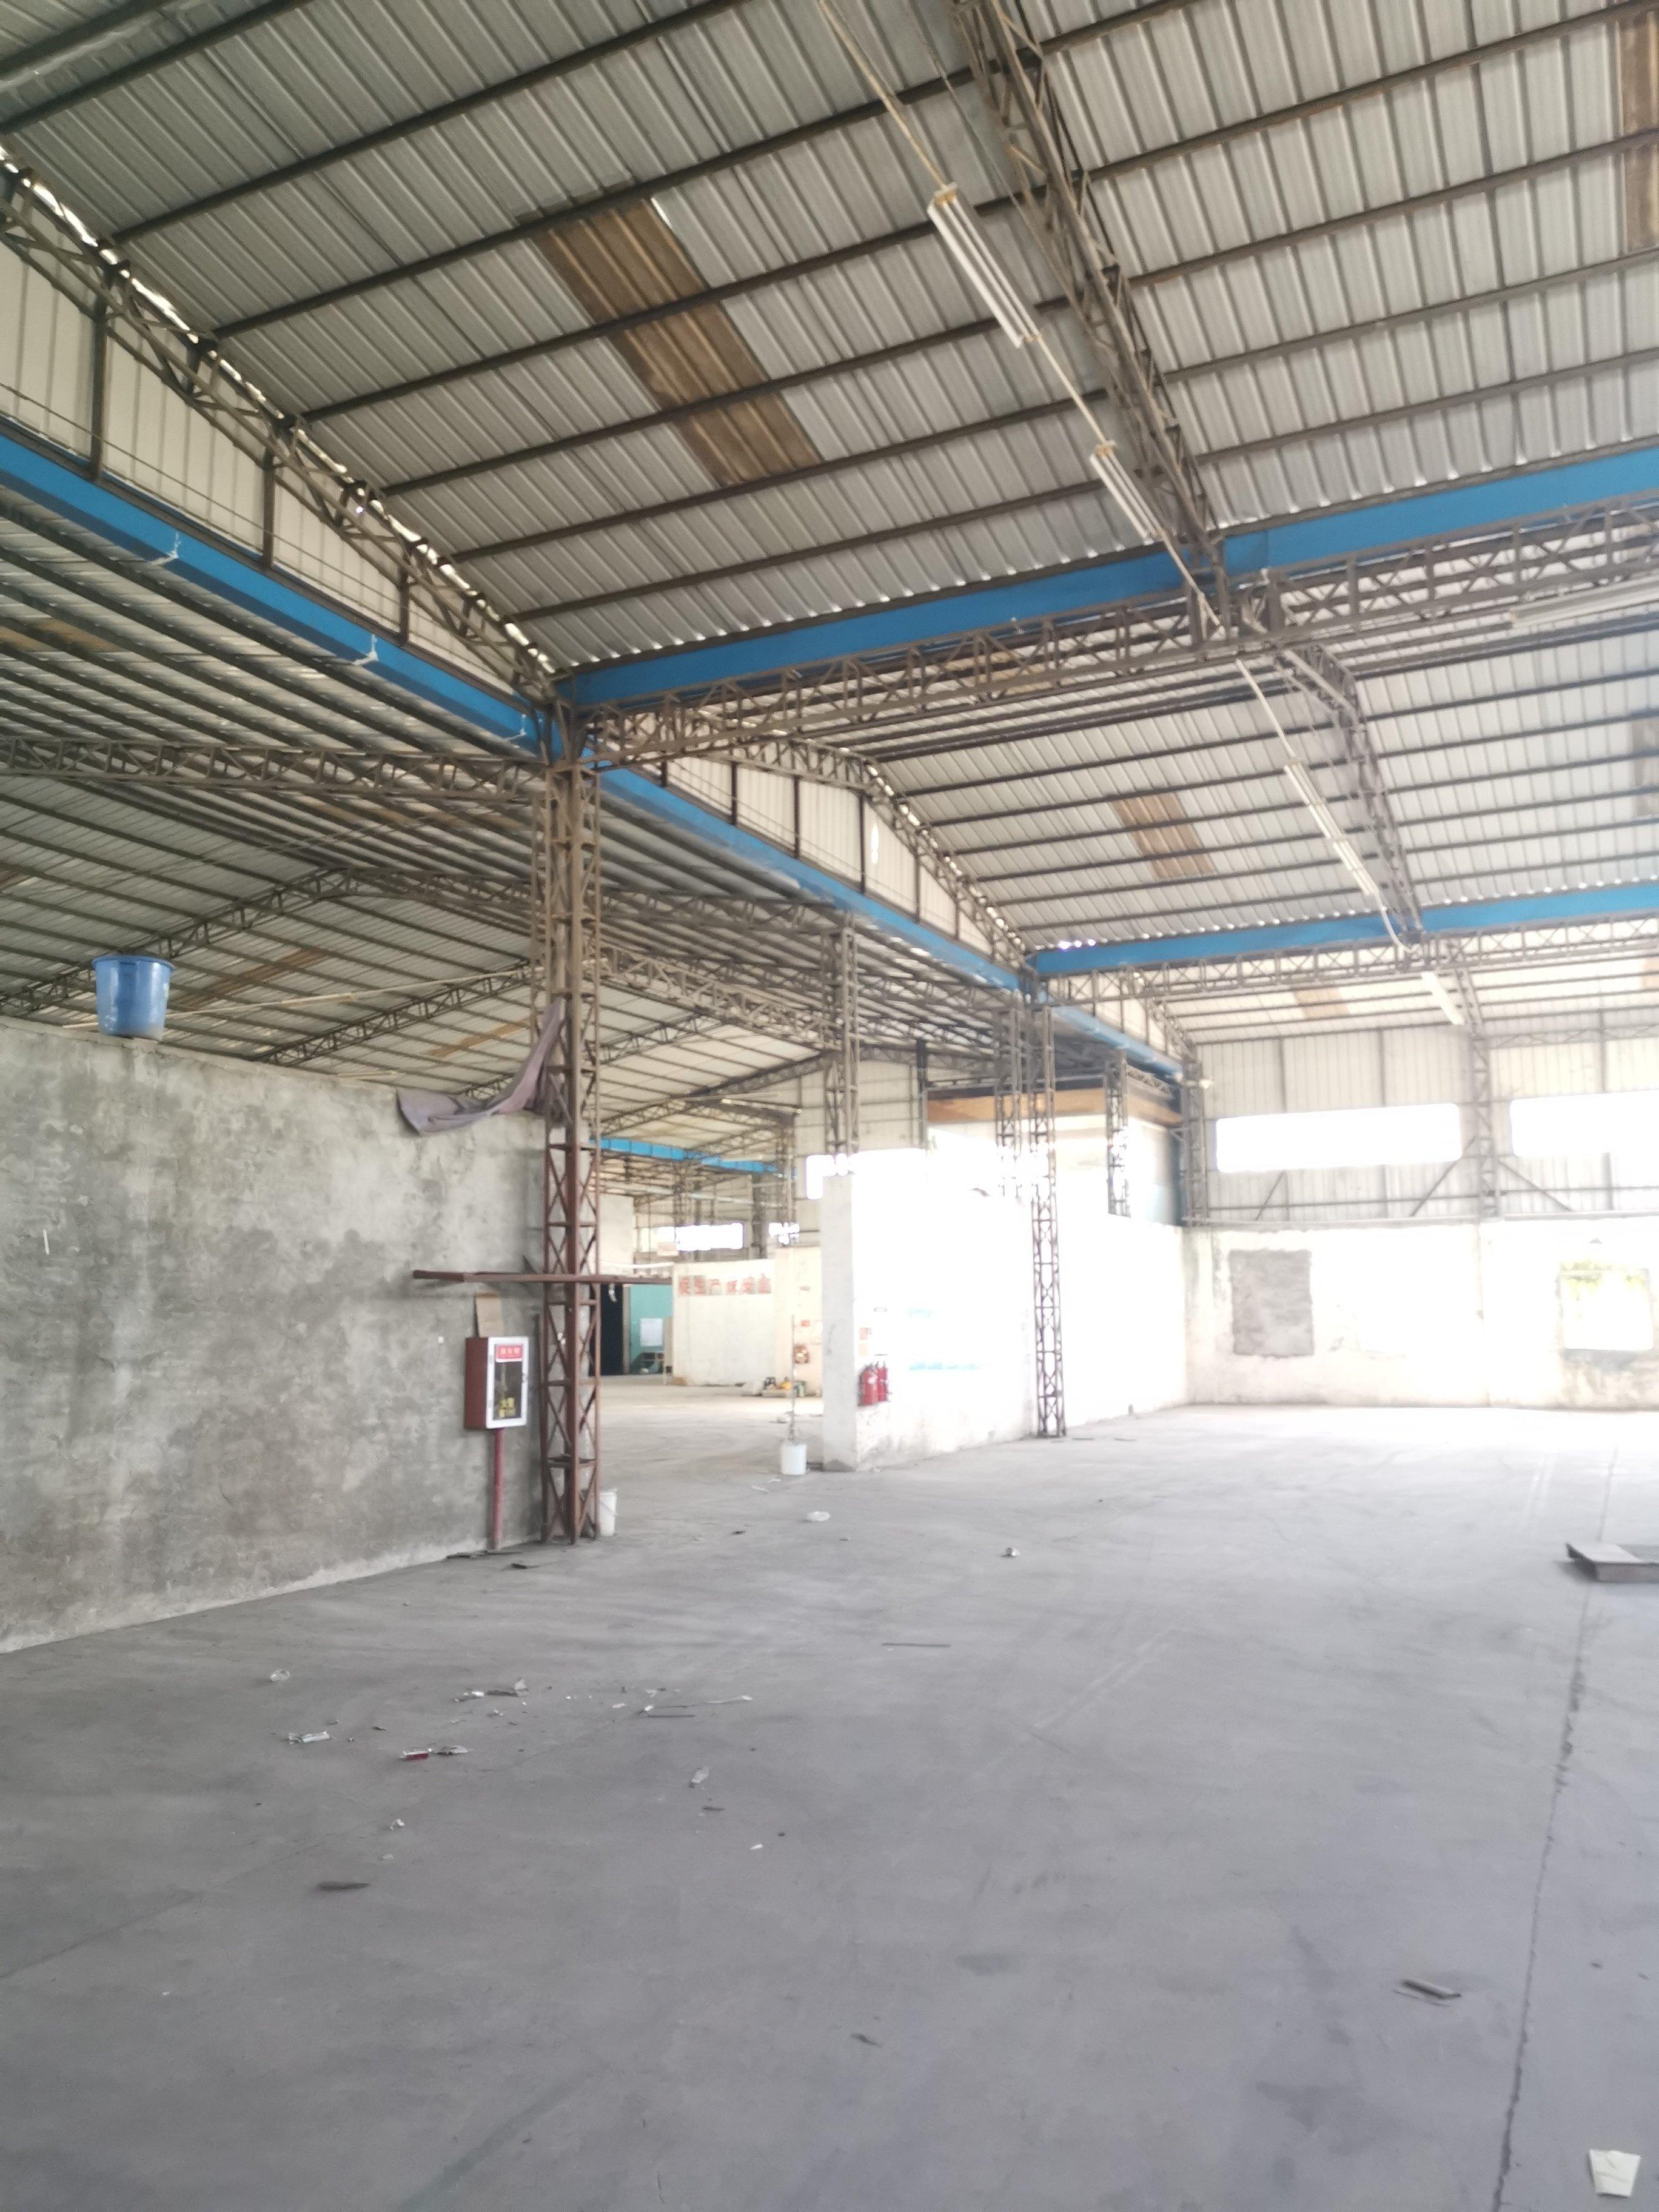 7米层高深圳红本厂房出售建筑6500,售价,5000万-图2